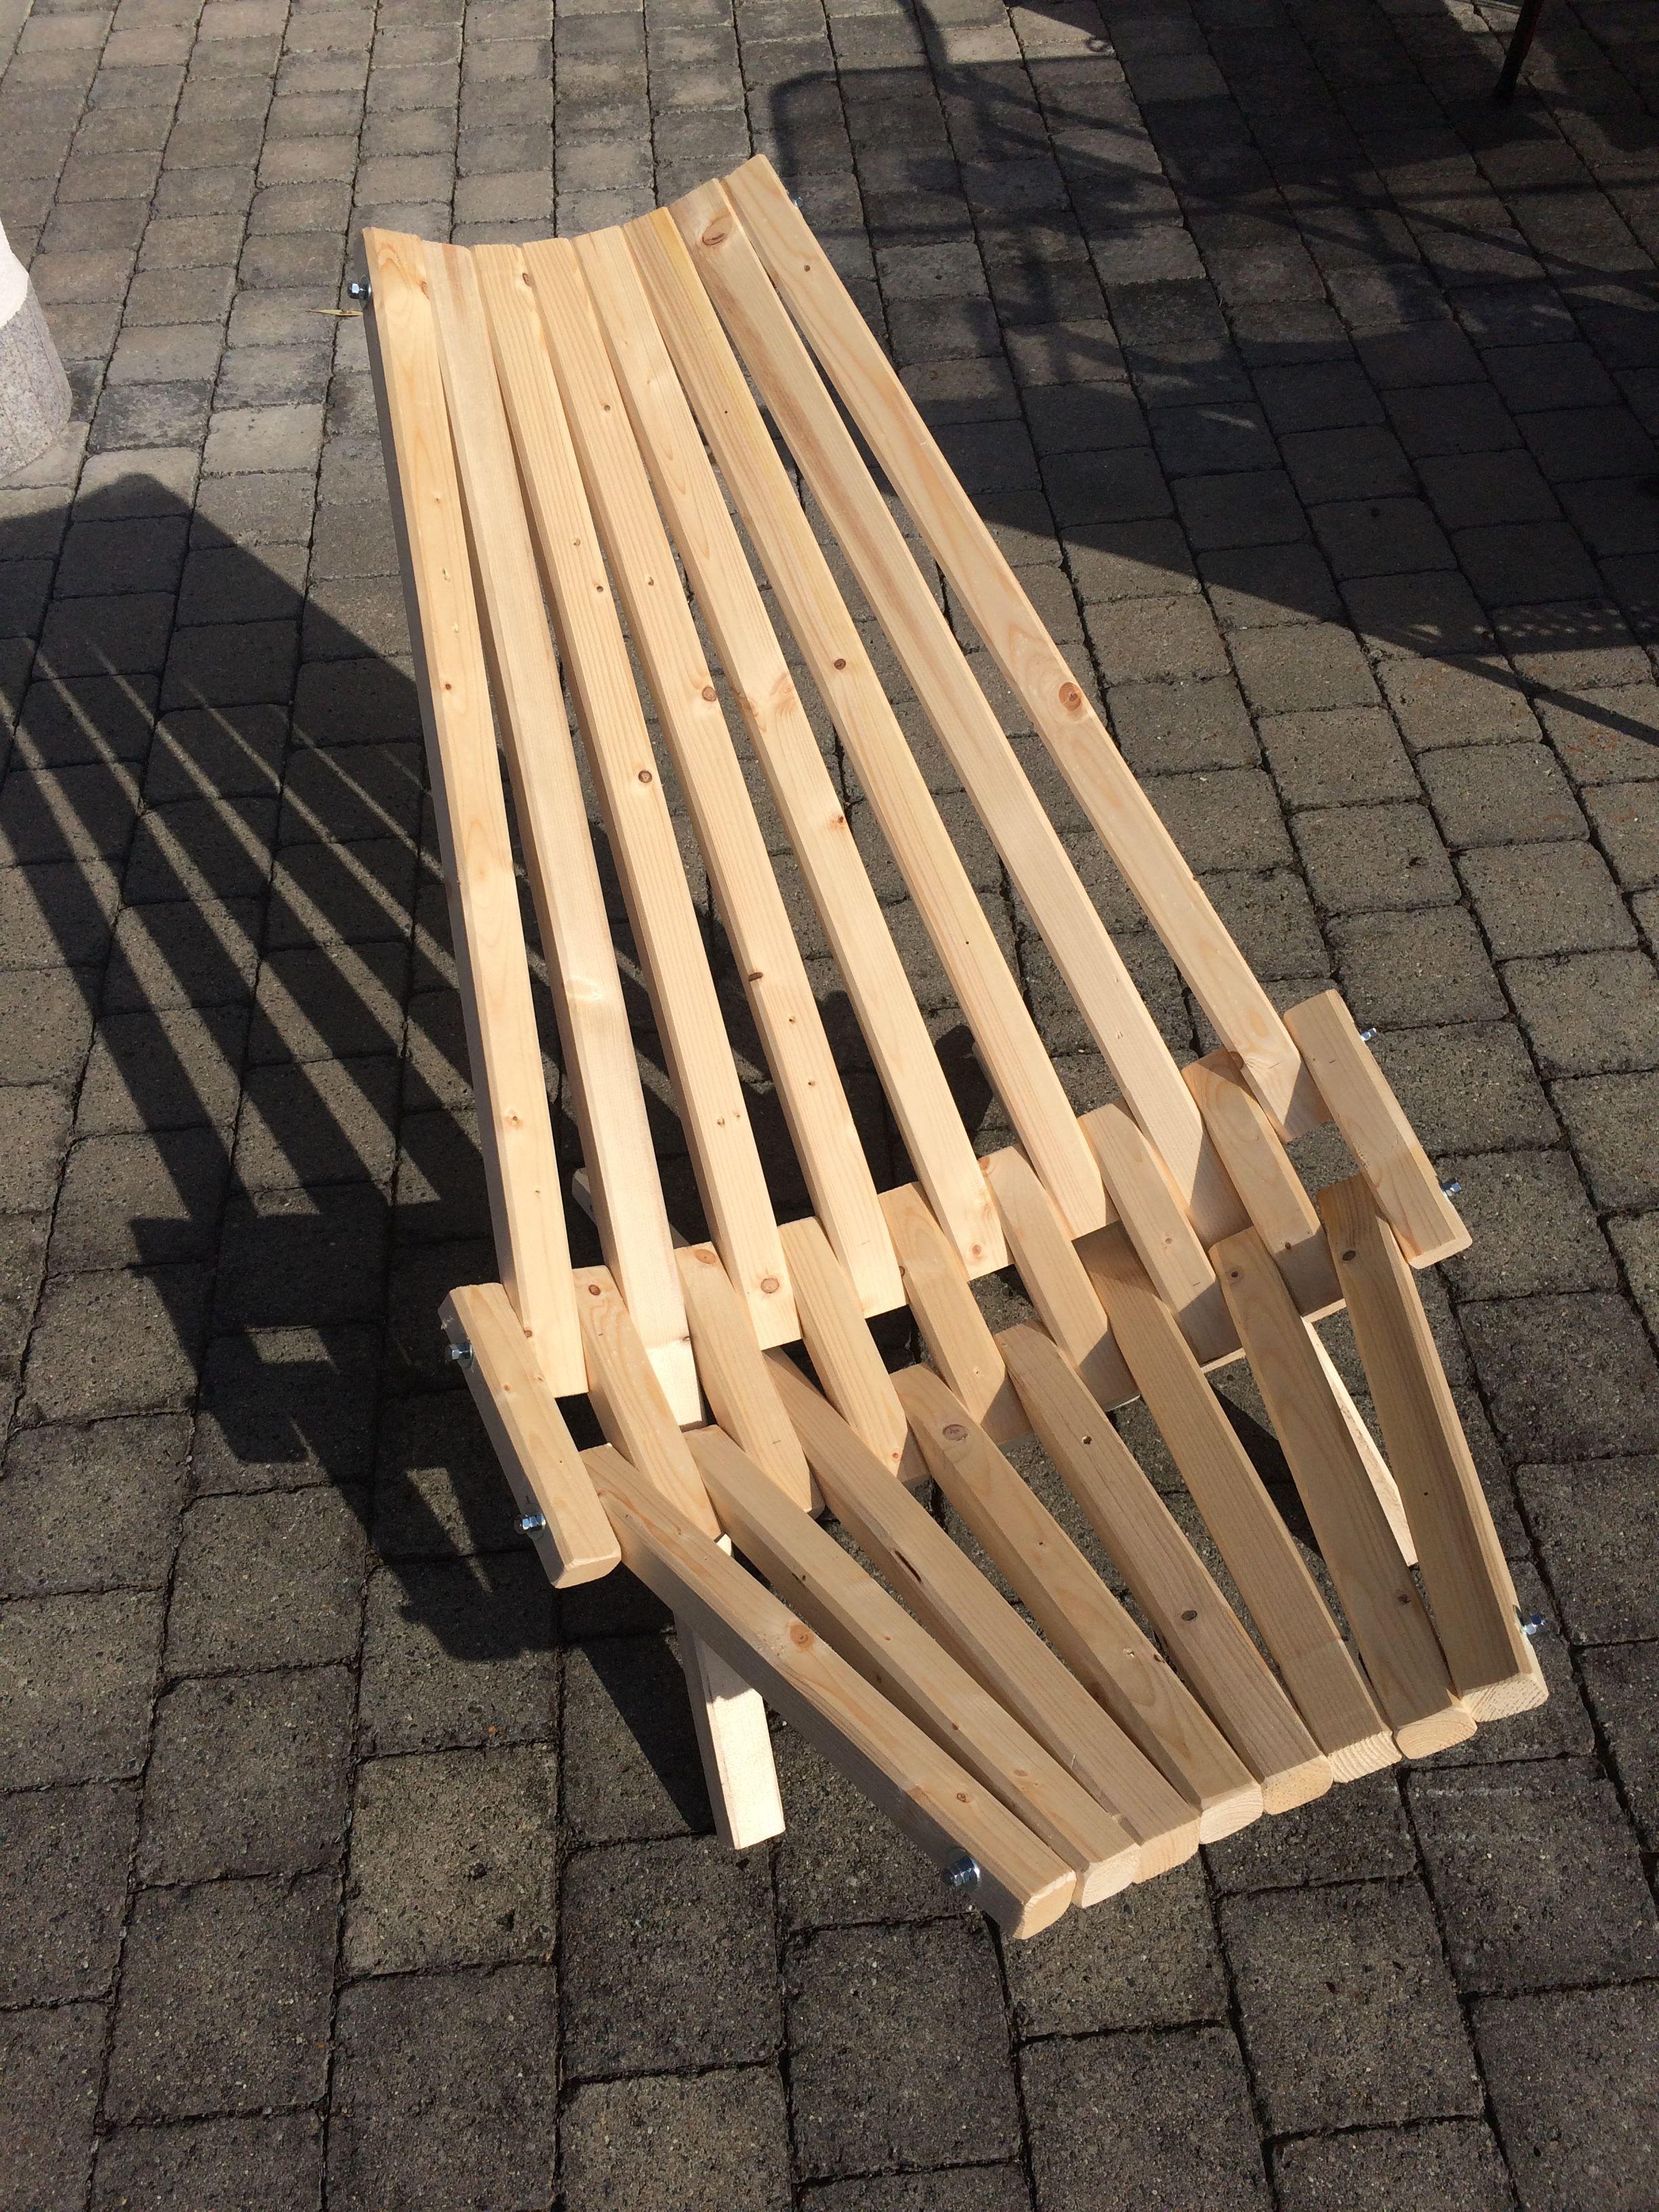 liegestuhl aus dachlatten sitzgelegenheiten aus dachlatten pinterest dachlatten. Black Bedroom Furniture Sets. Home Design Ideas